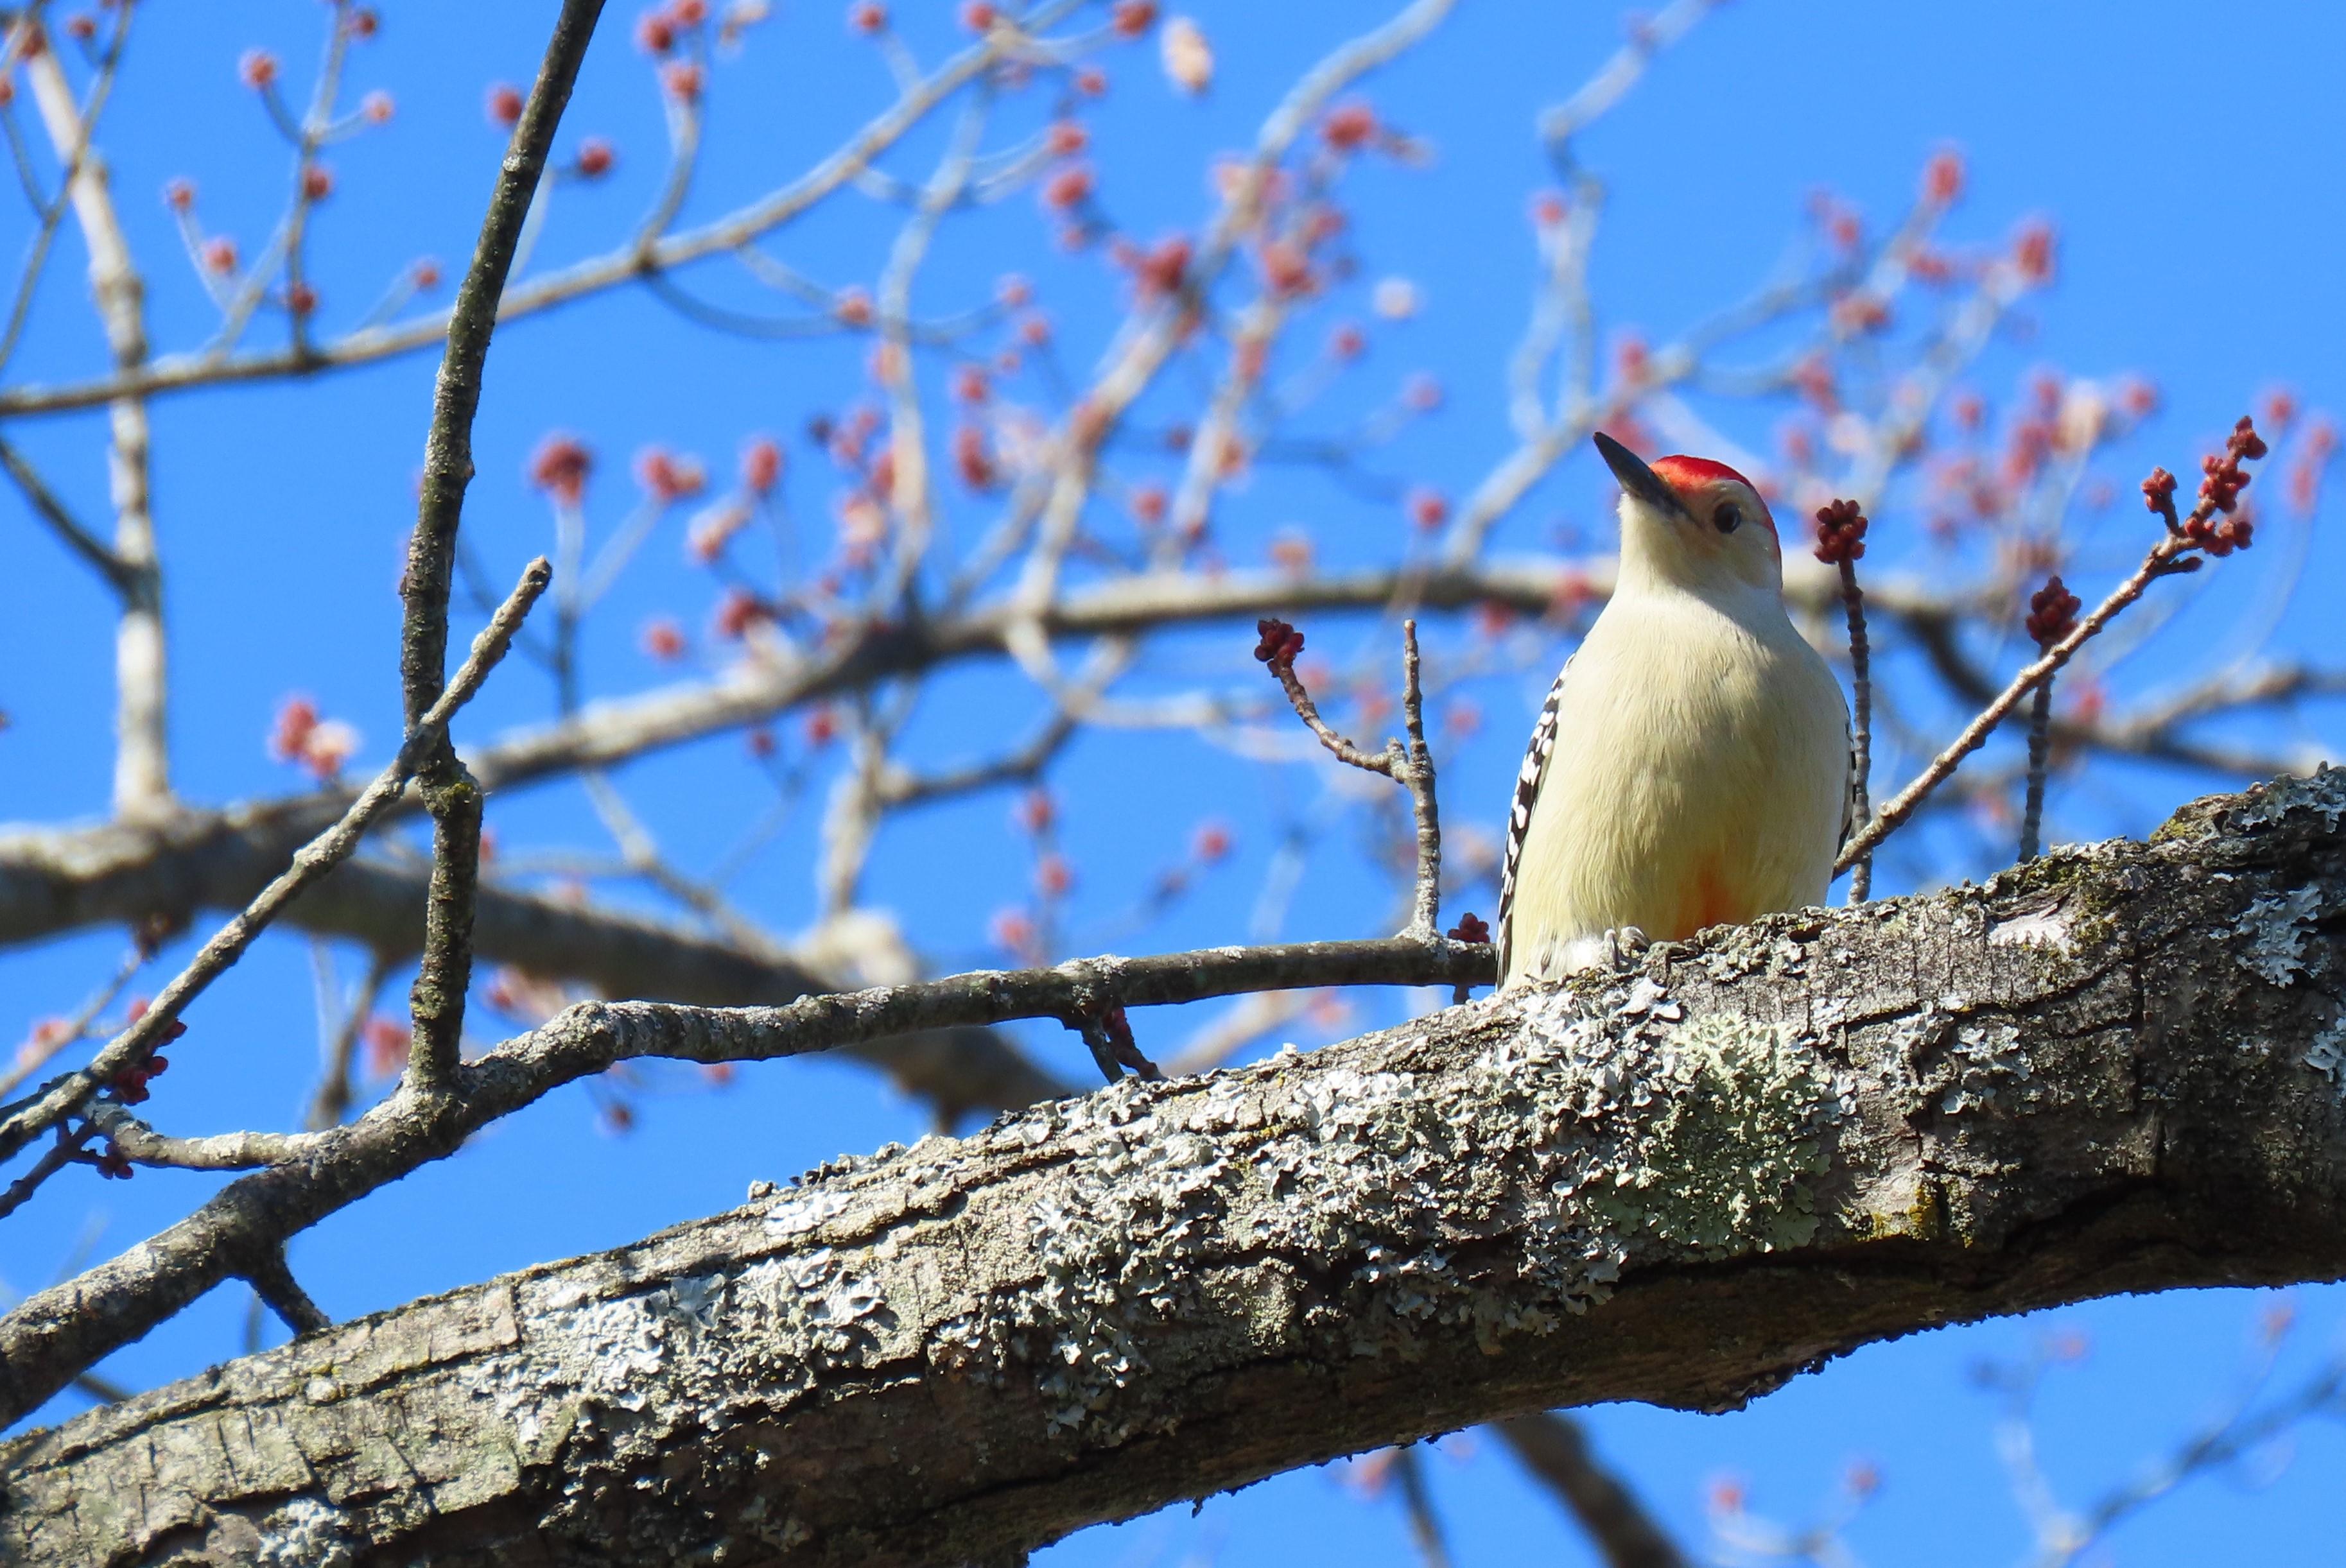 red-bellied woodpecker on branch